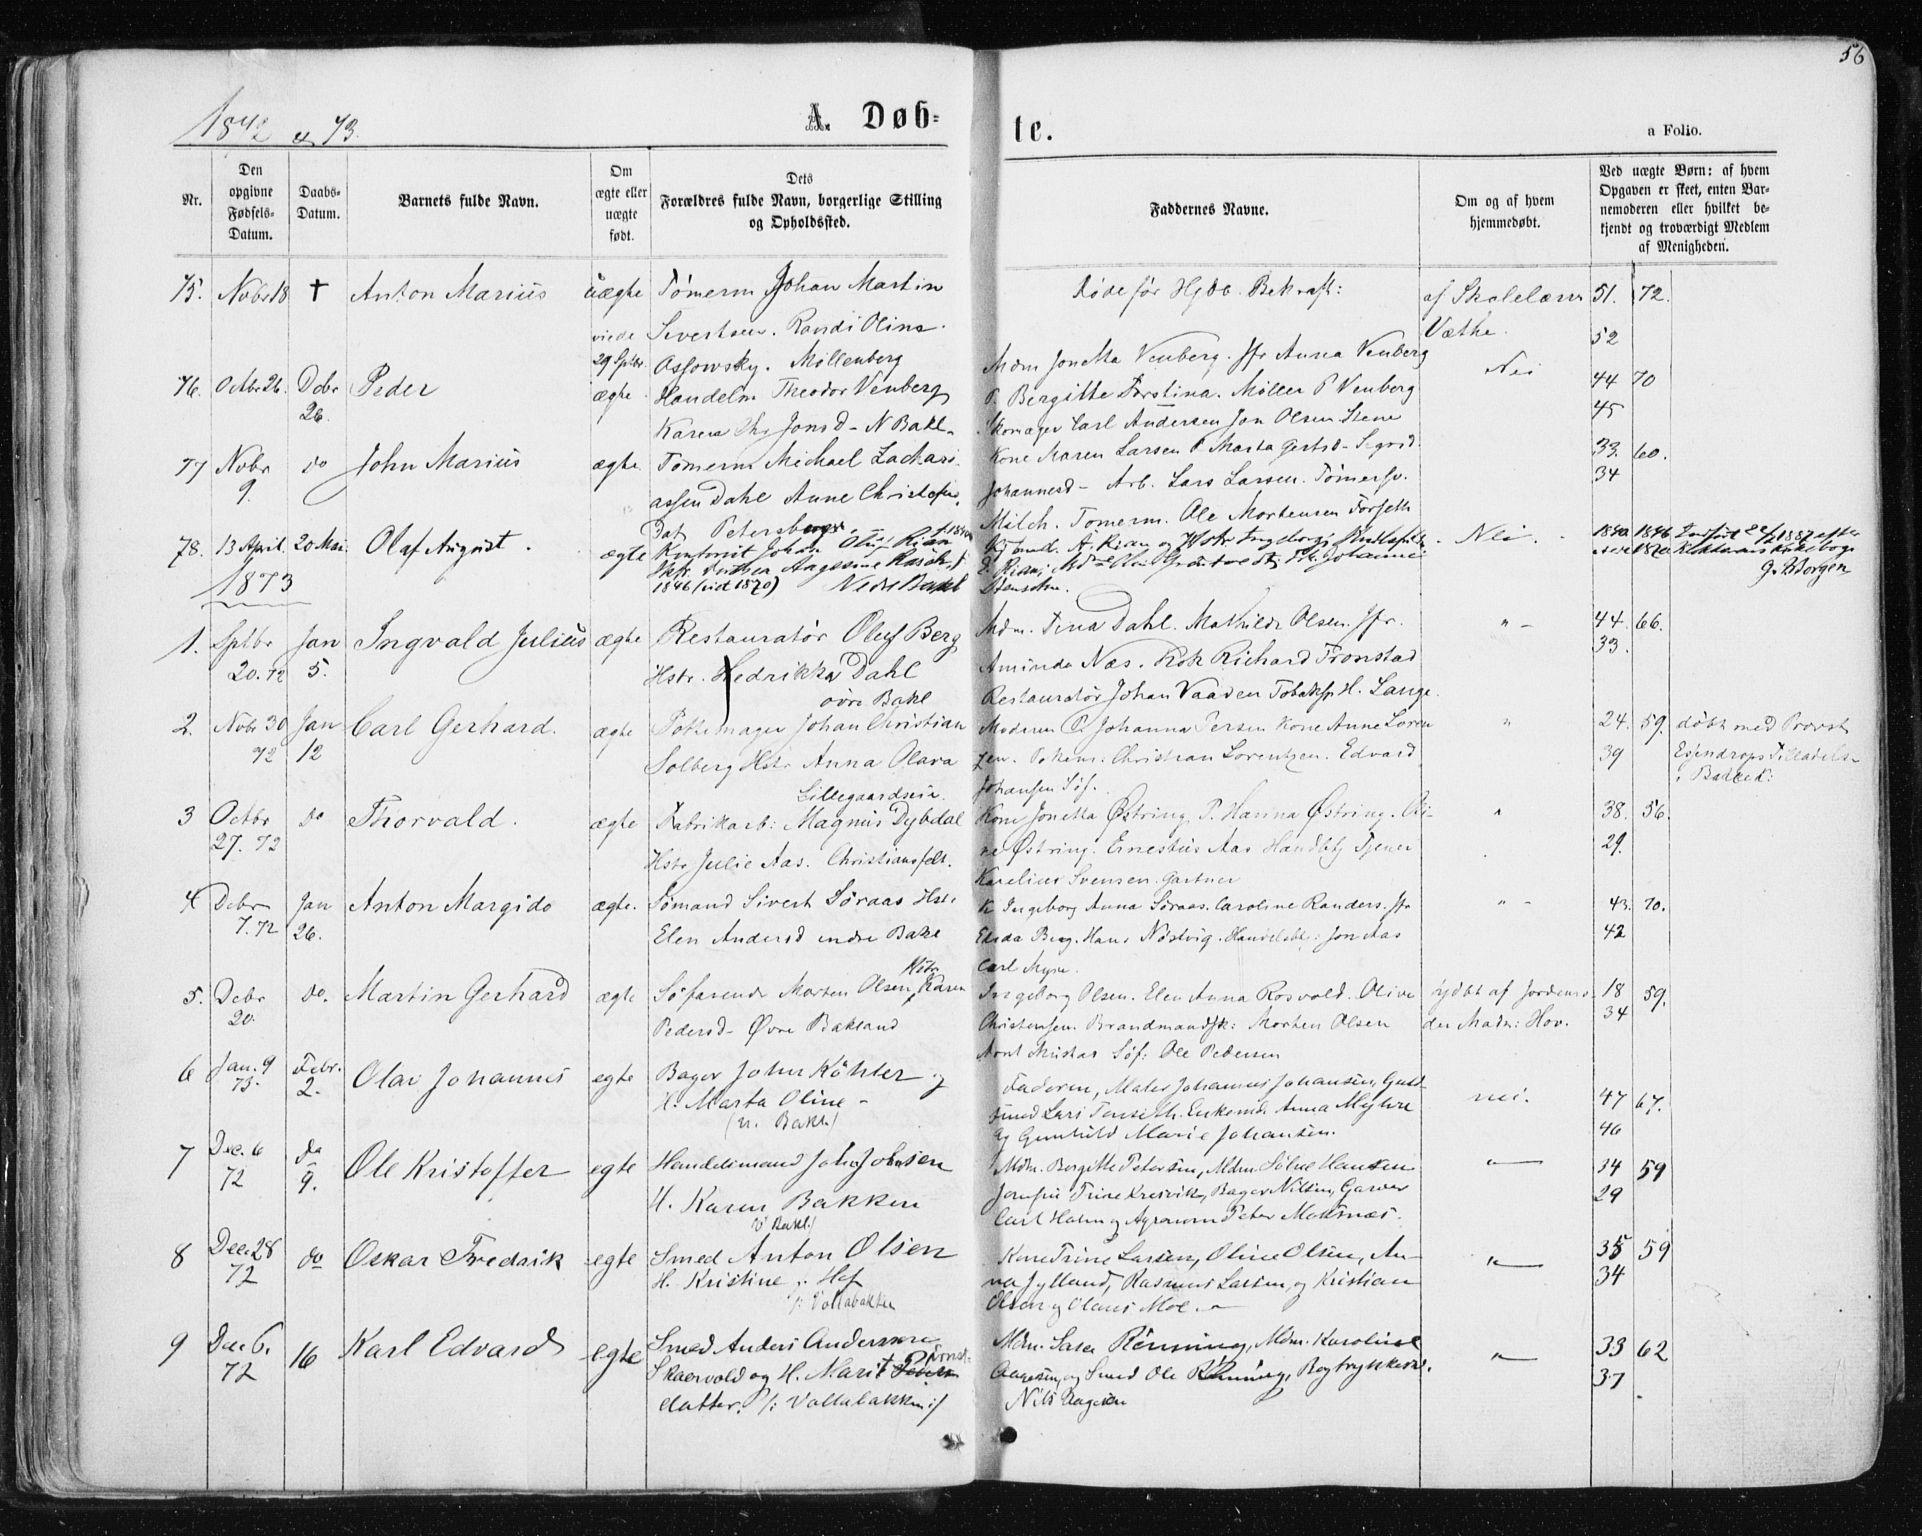 SAT, Ministerialprotokoller, klokkerbøker og fødselsregistre - Sør-Trøndelag, 604/L0186: Ministerialbok nr. 604A07, 1866-1877, s. 56